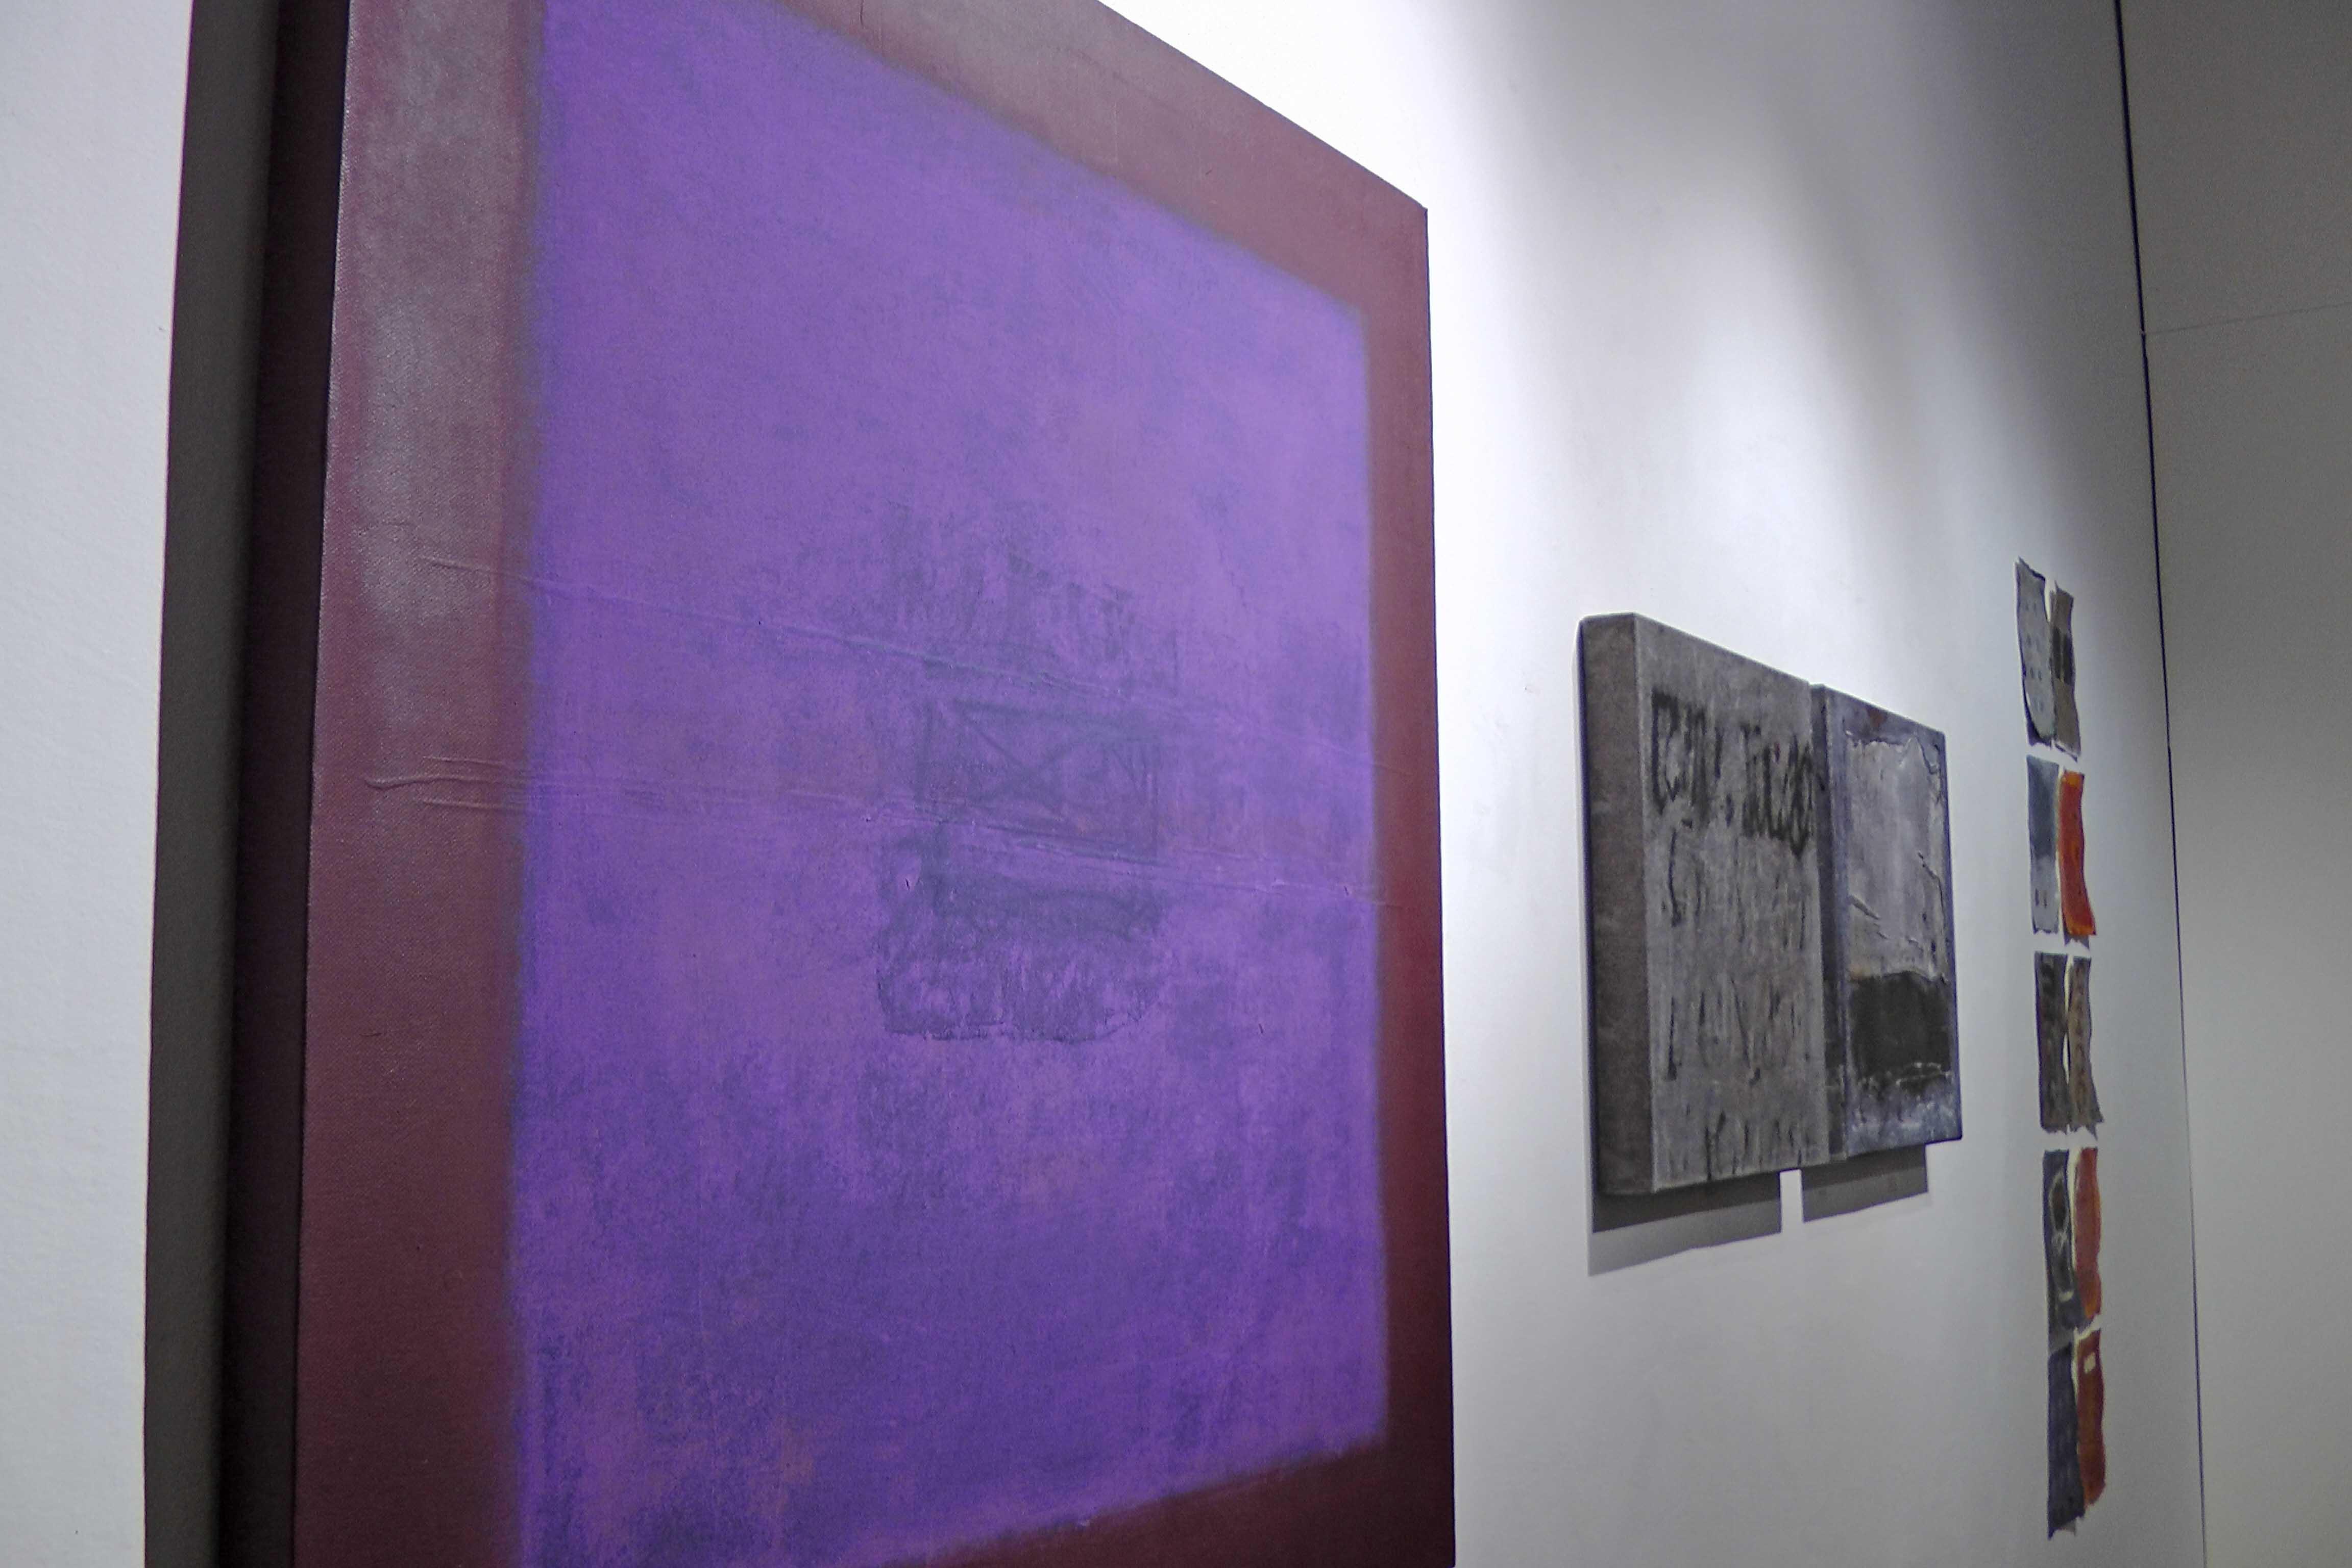 Trois femmes une rencontre exposition de r silski for Affiliation maison des artistes